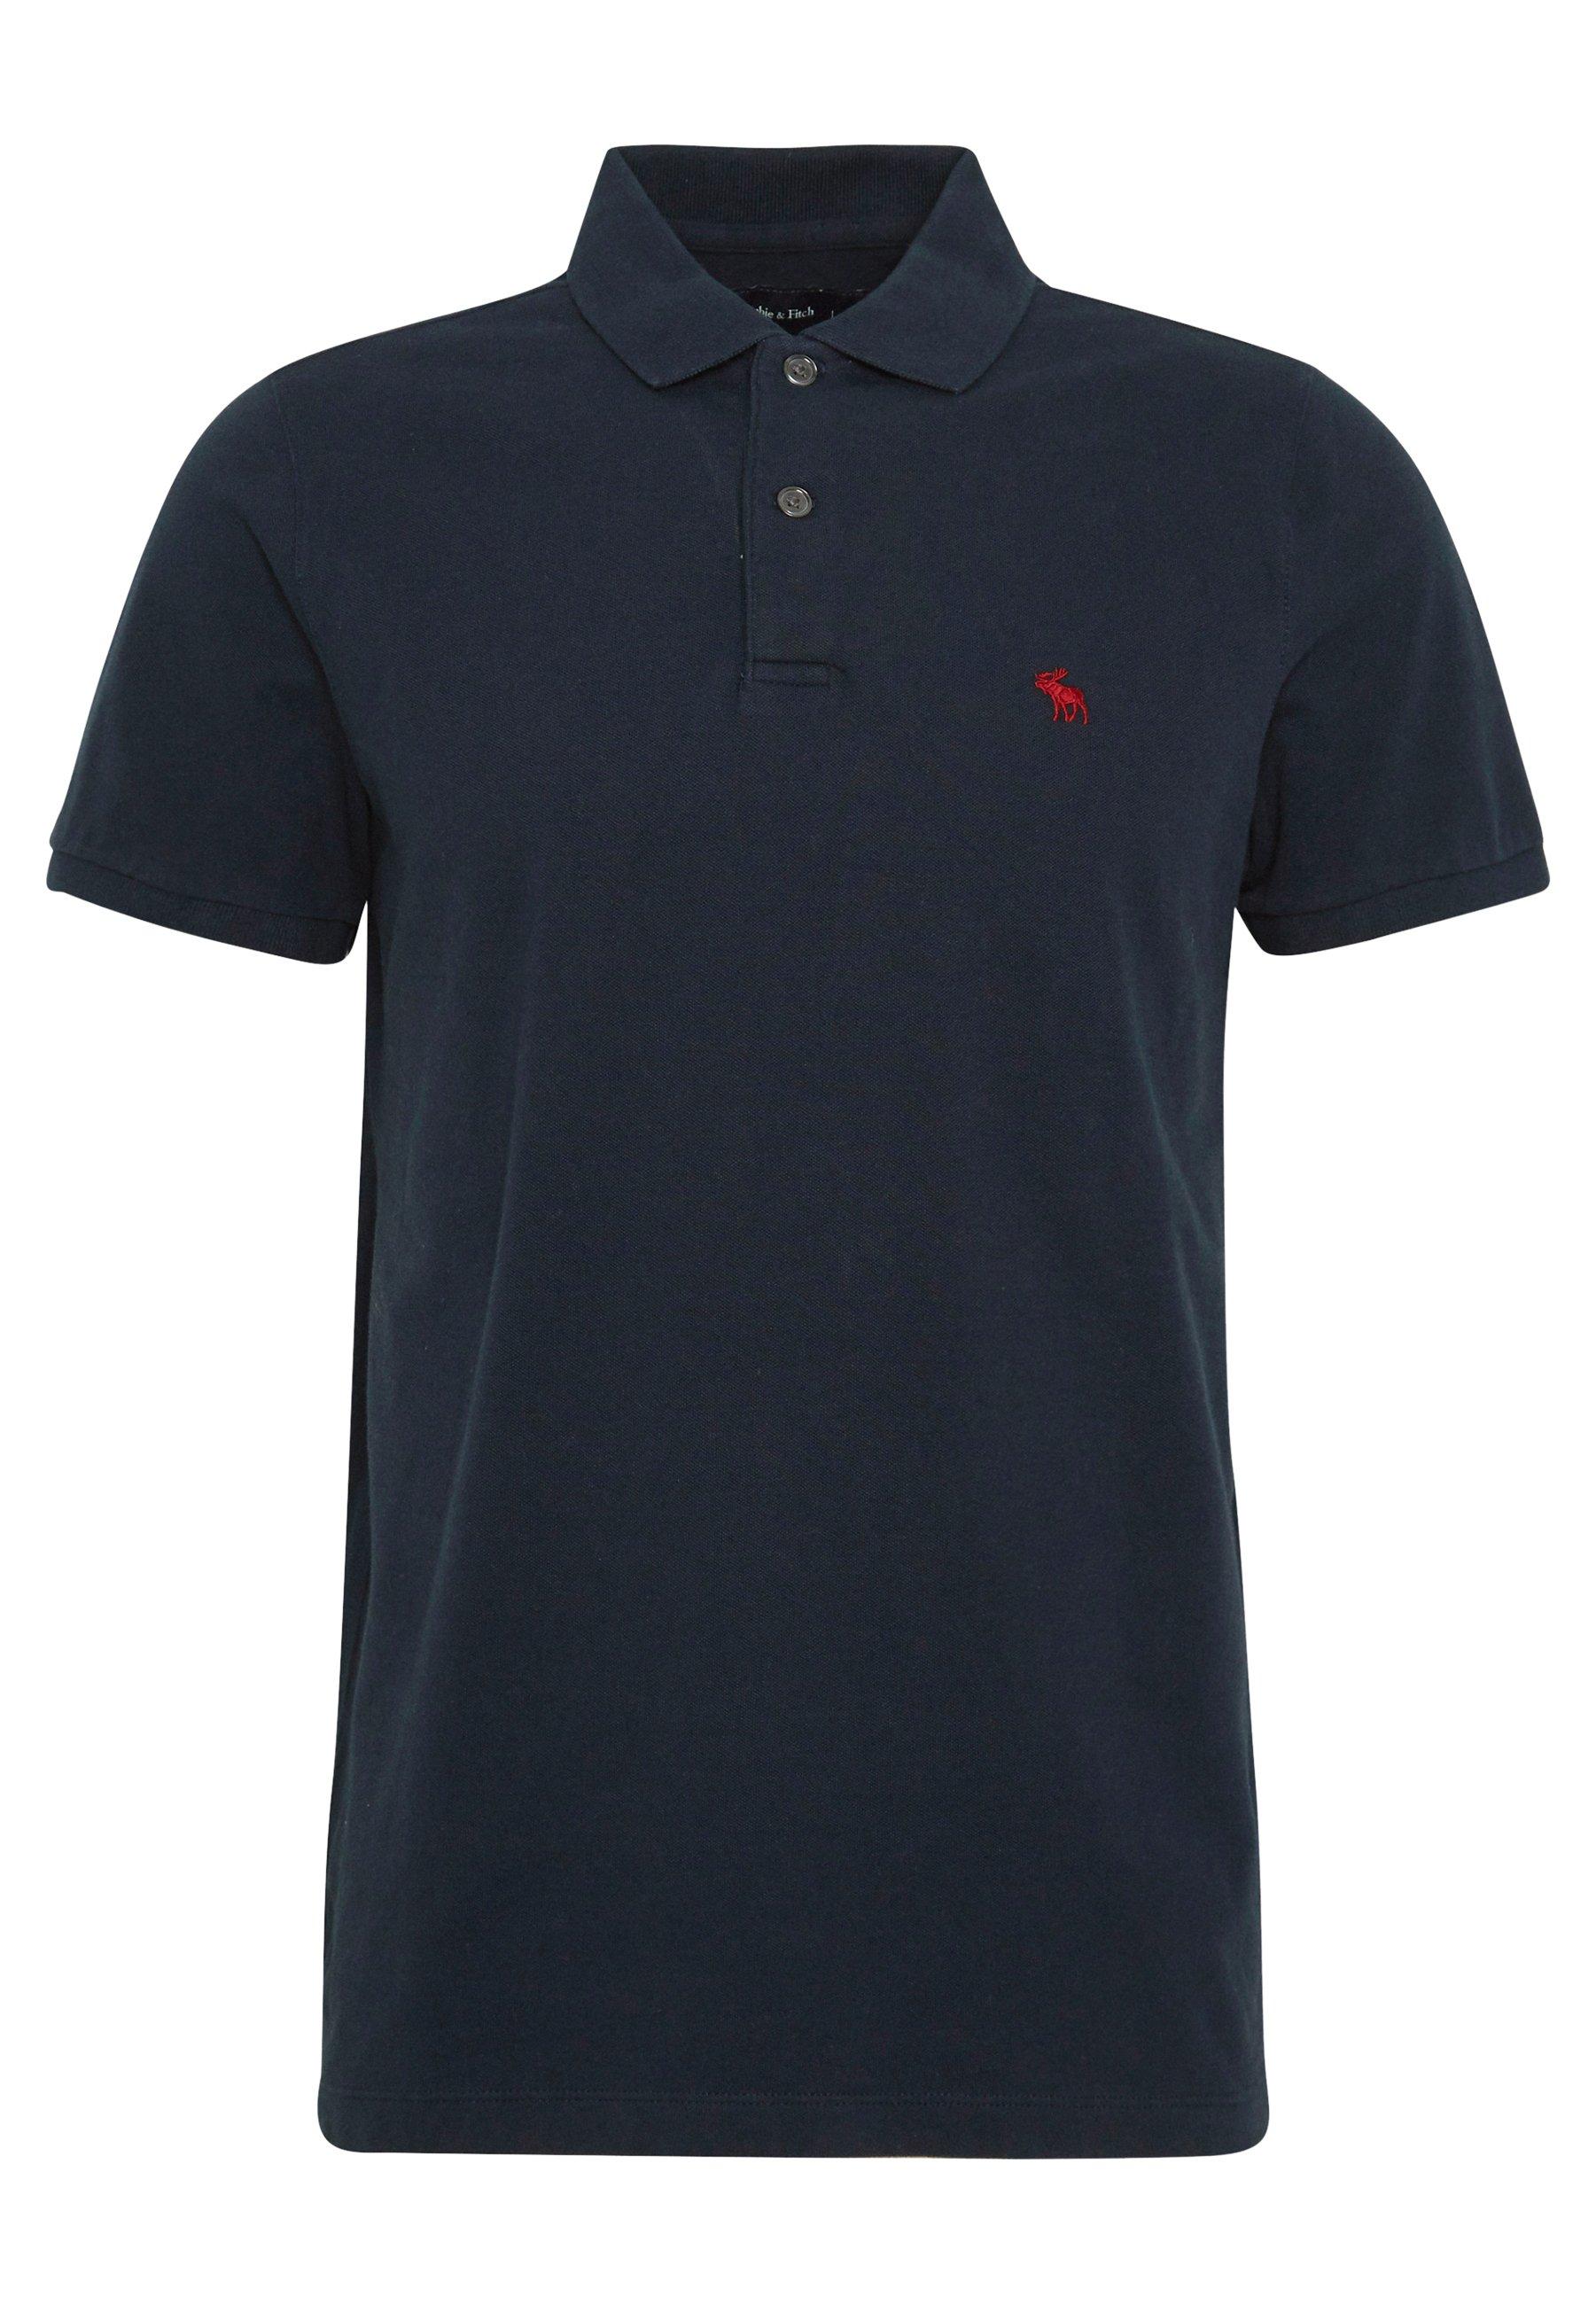 Abercrombie & Fitch Koszulka Polo - Navy